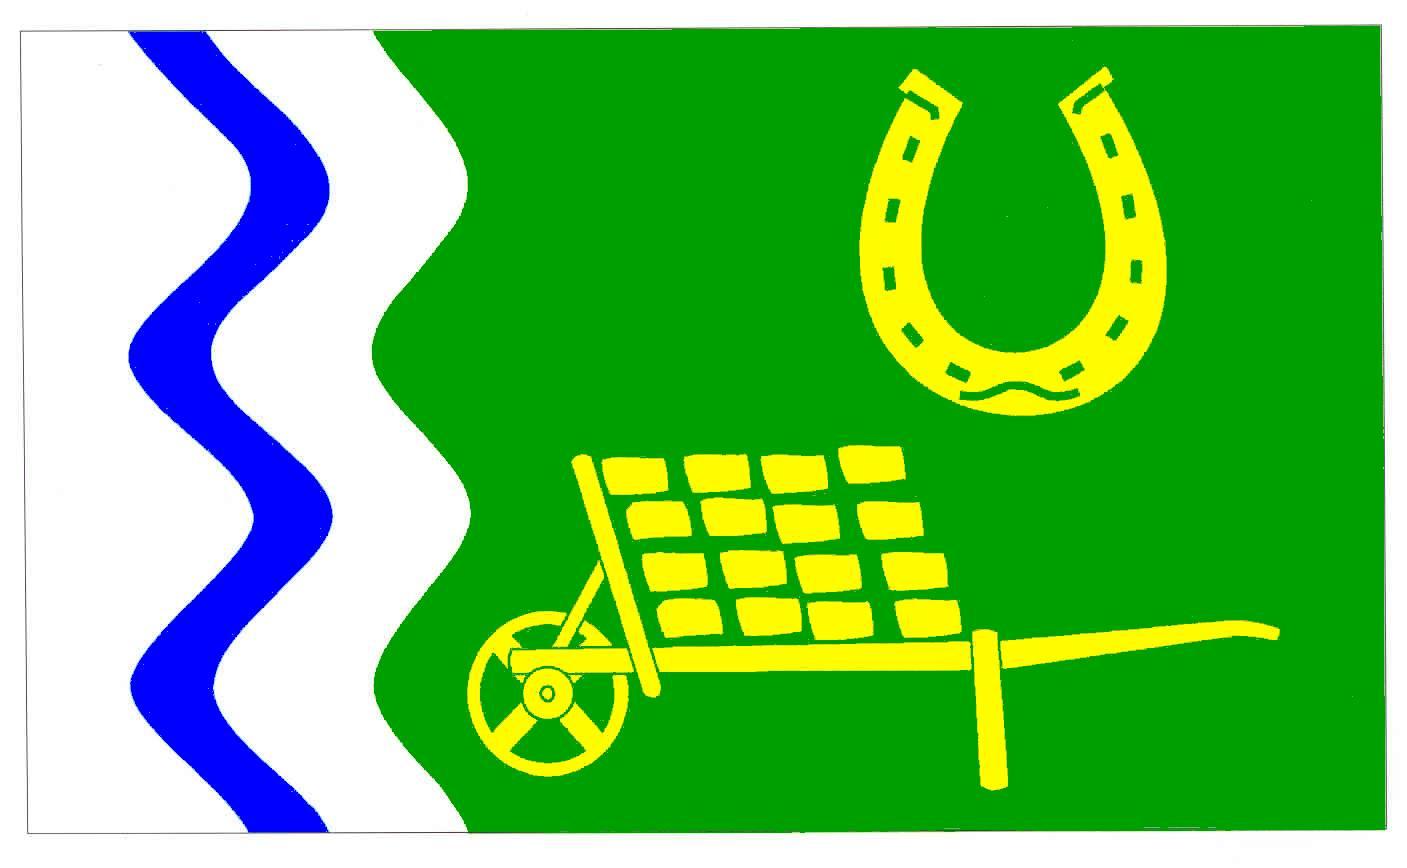 Flagge GemeindeLüchow, Kreis Herzogtum Lauenburg